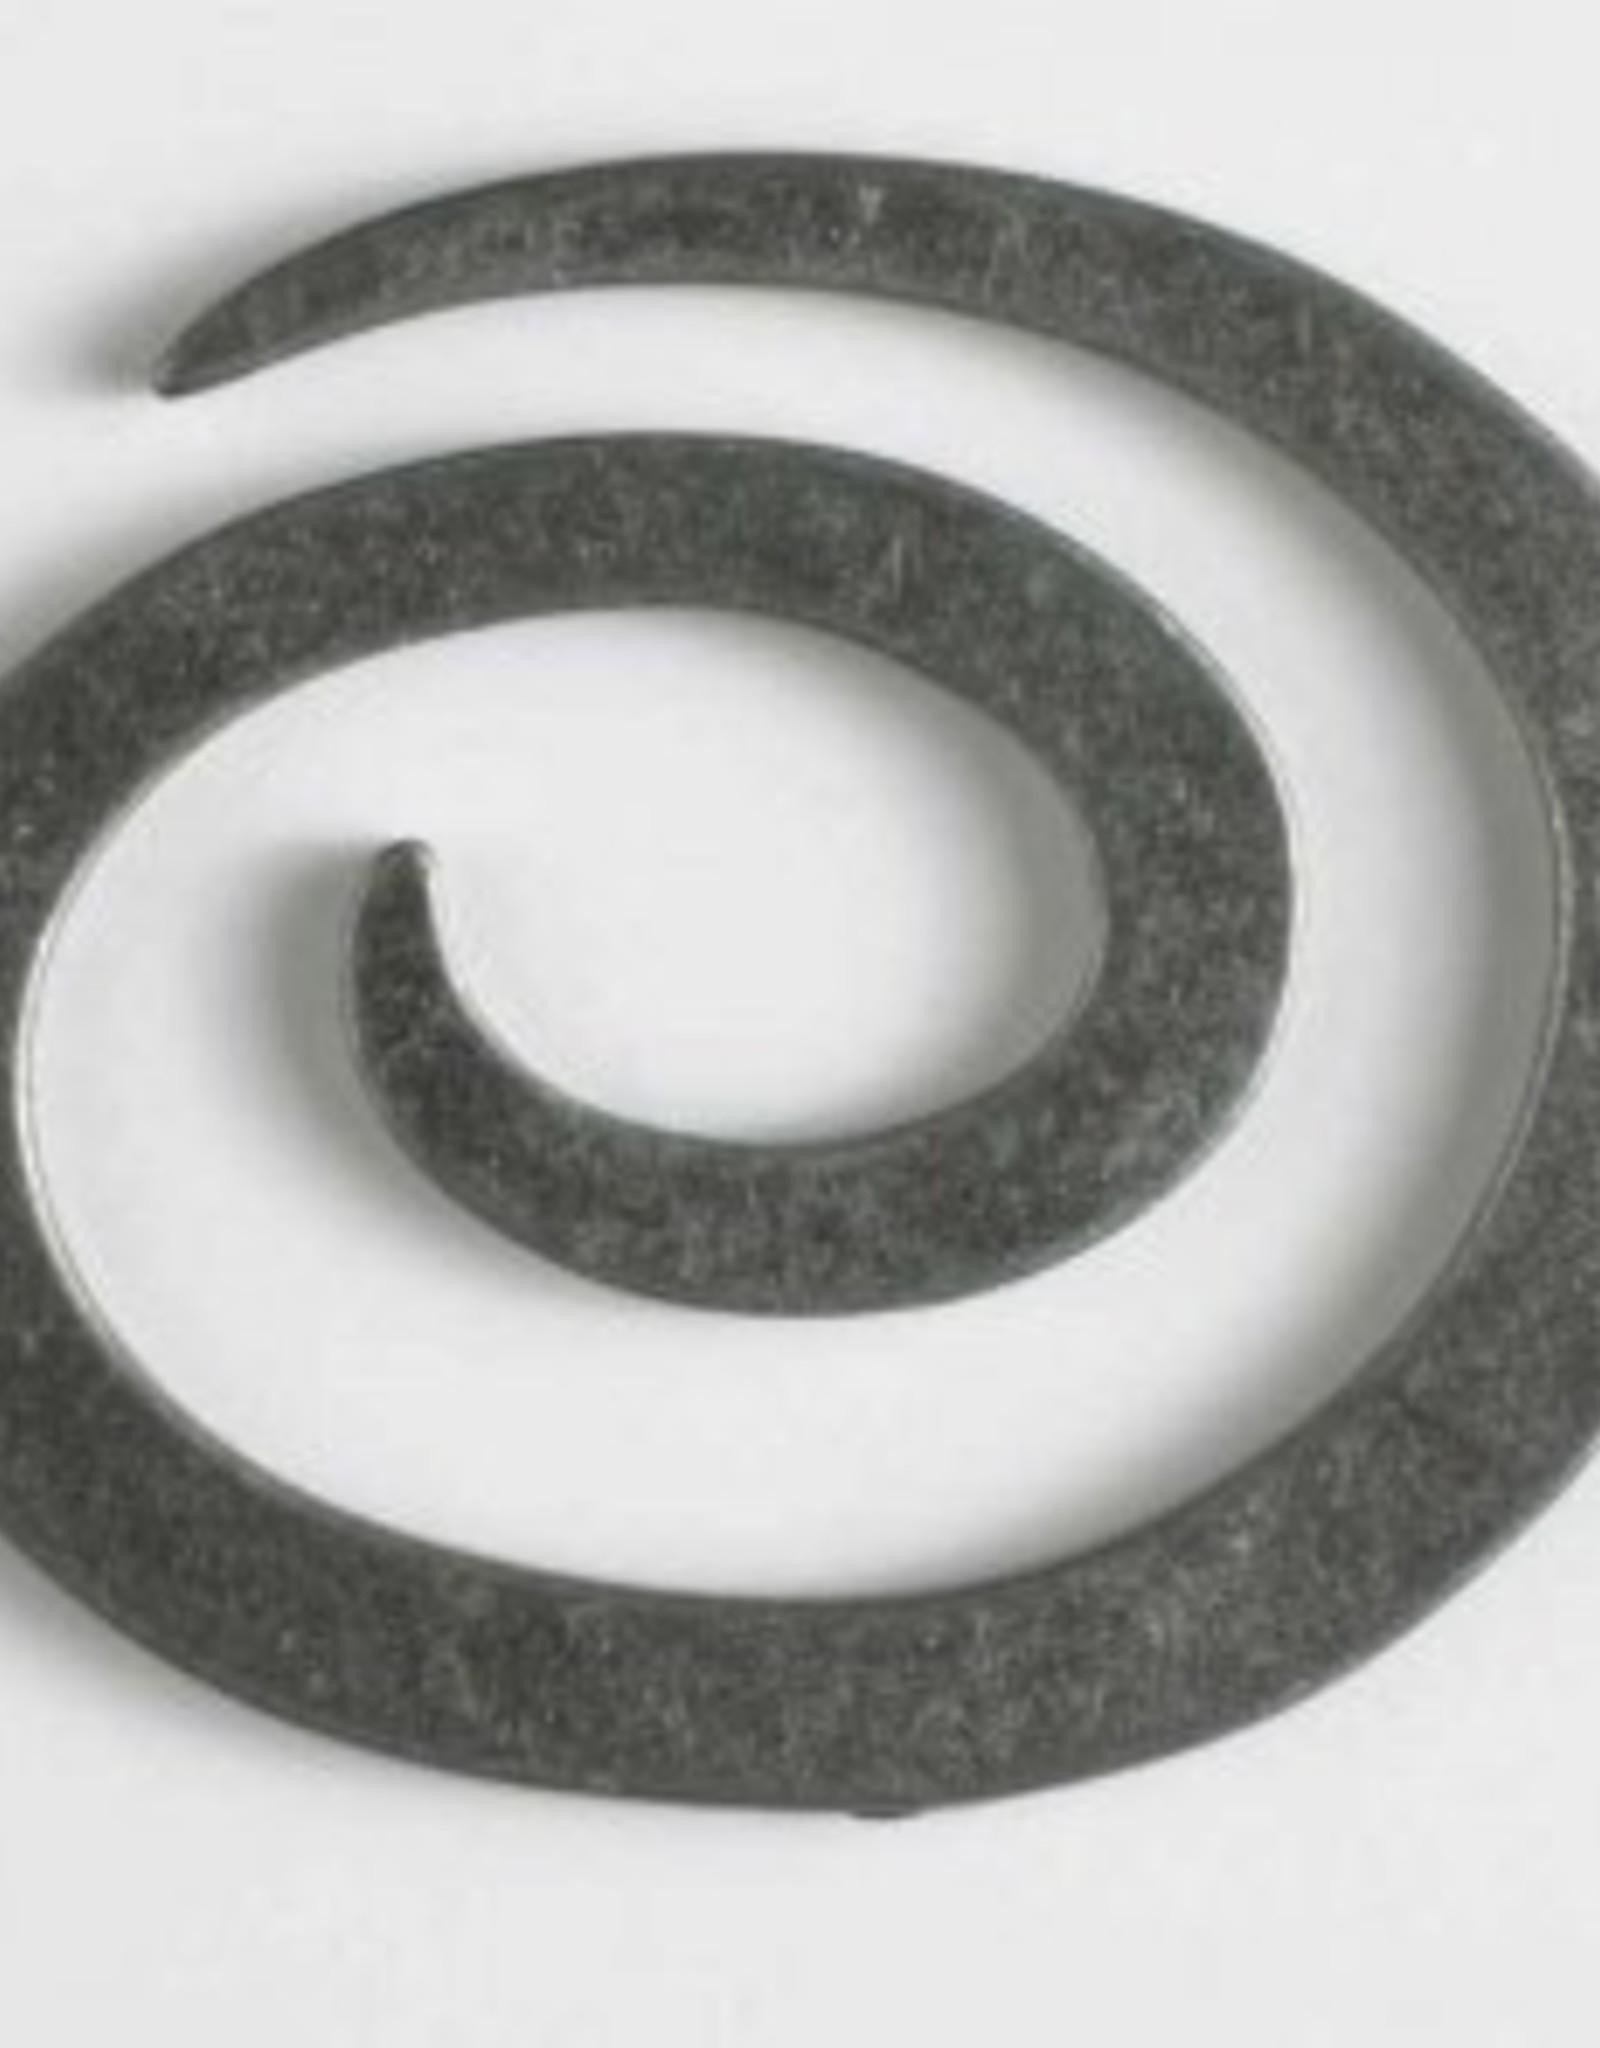 Dill 50 mm Metal Spiral shawl pin